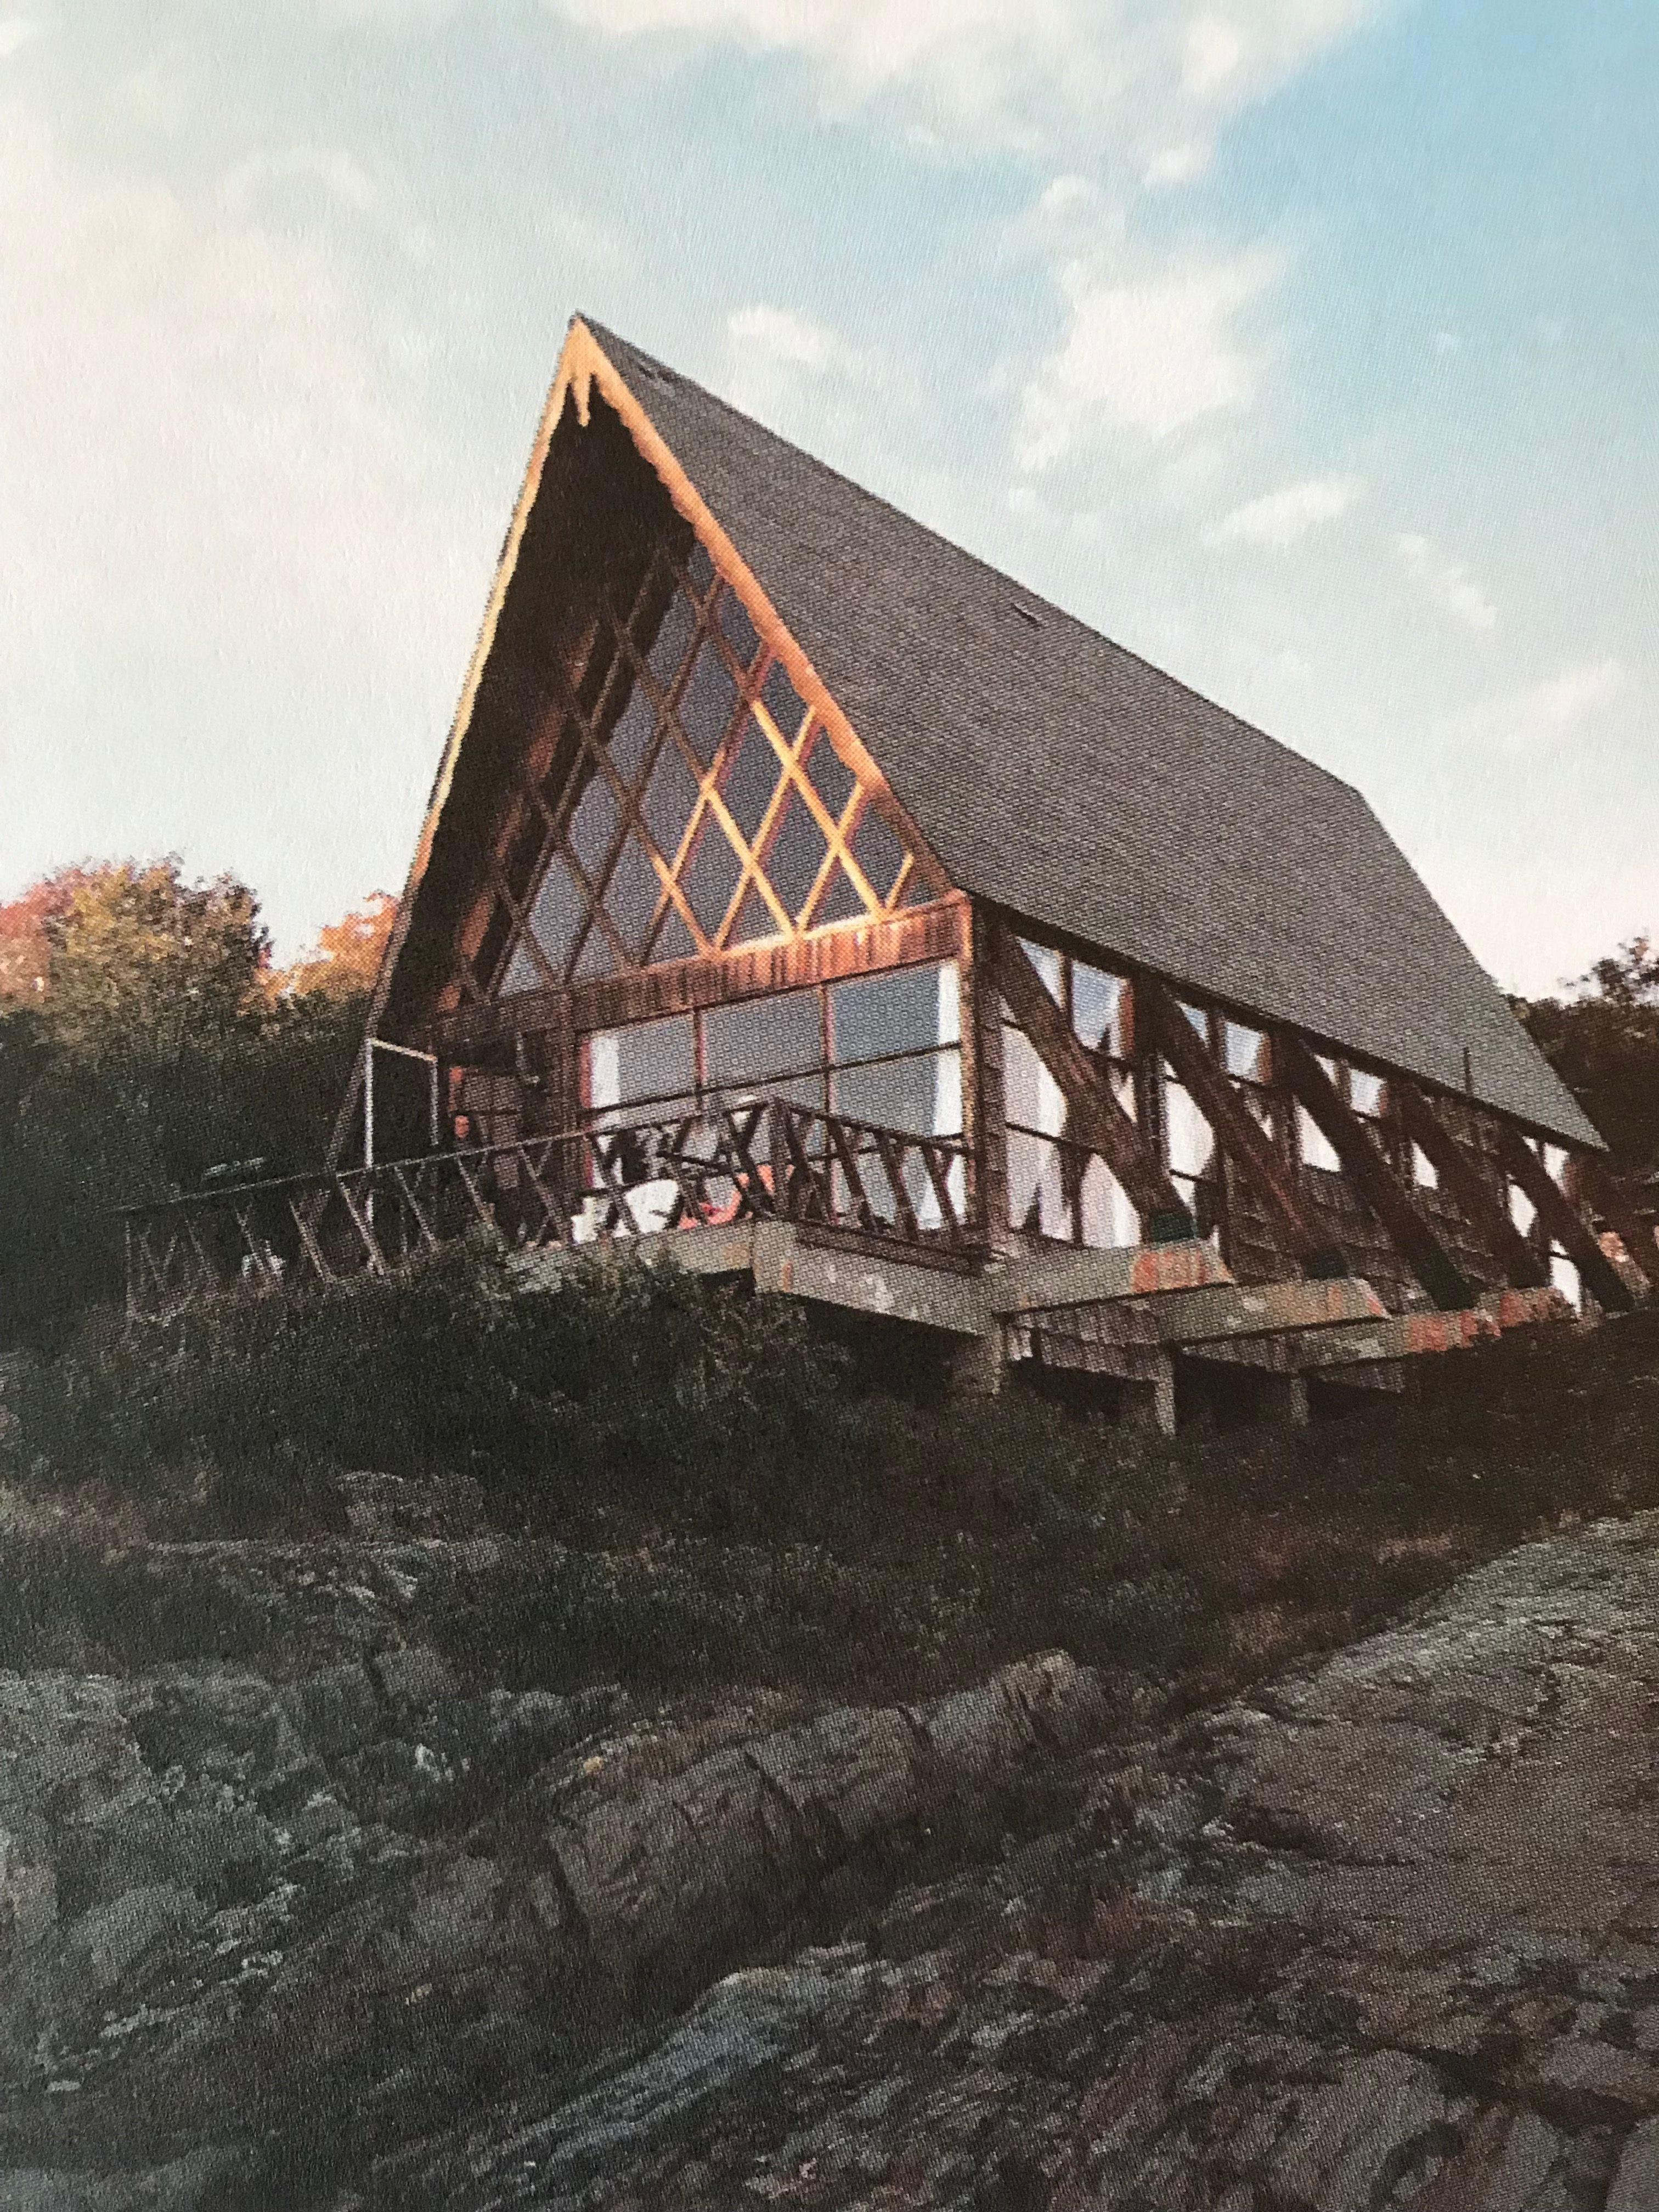 Gartenhäuser aus Holz https://.pineca.de/gartenhauser